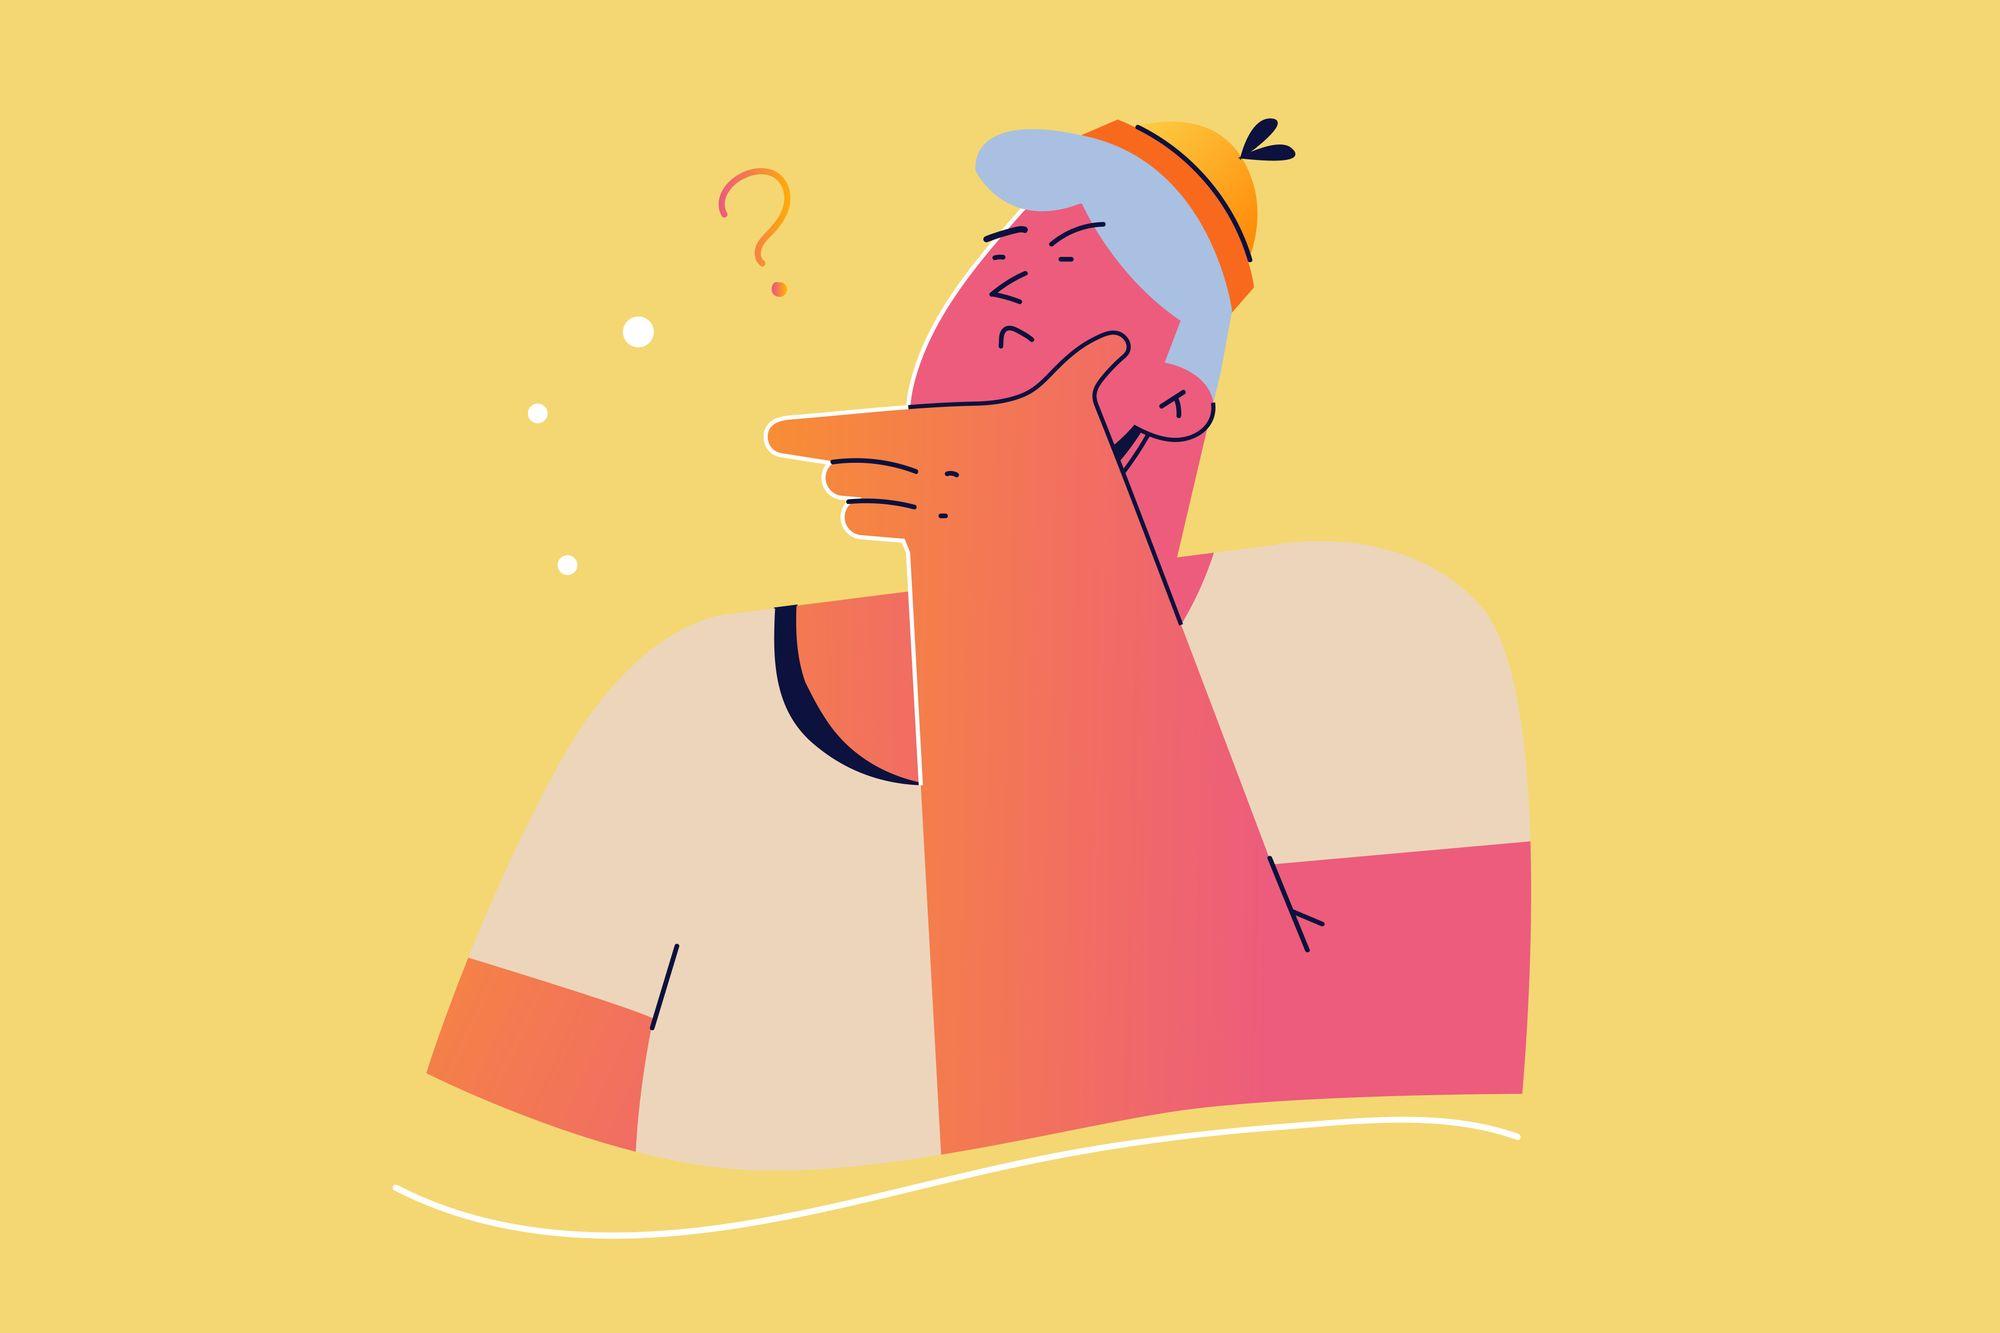 Alimentação pode turbinar a memória. (Reprodução/Freepik)